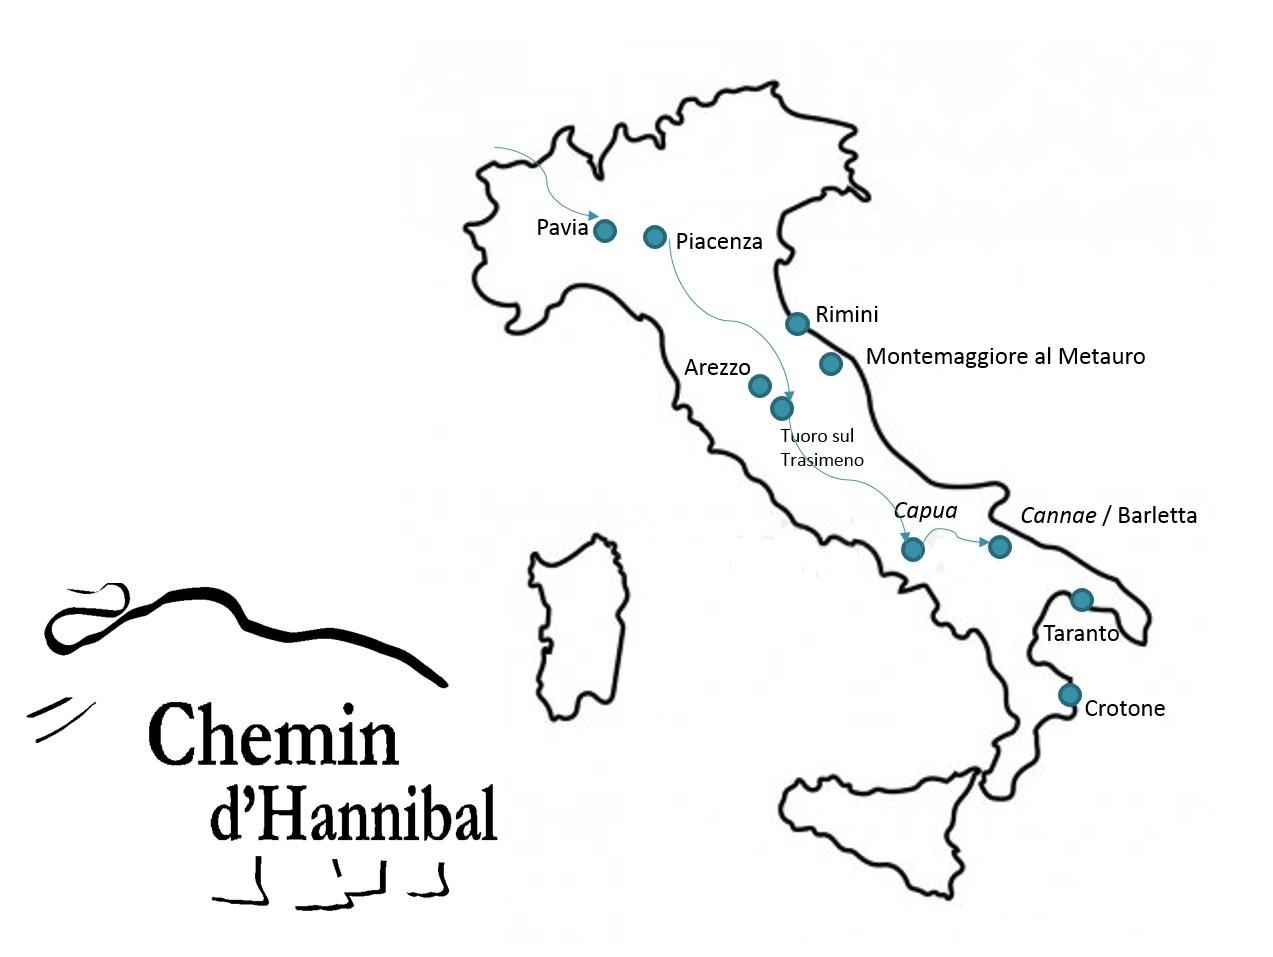 Le Chemin D Hannibal Italie La Rotta Dei Fenici